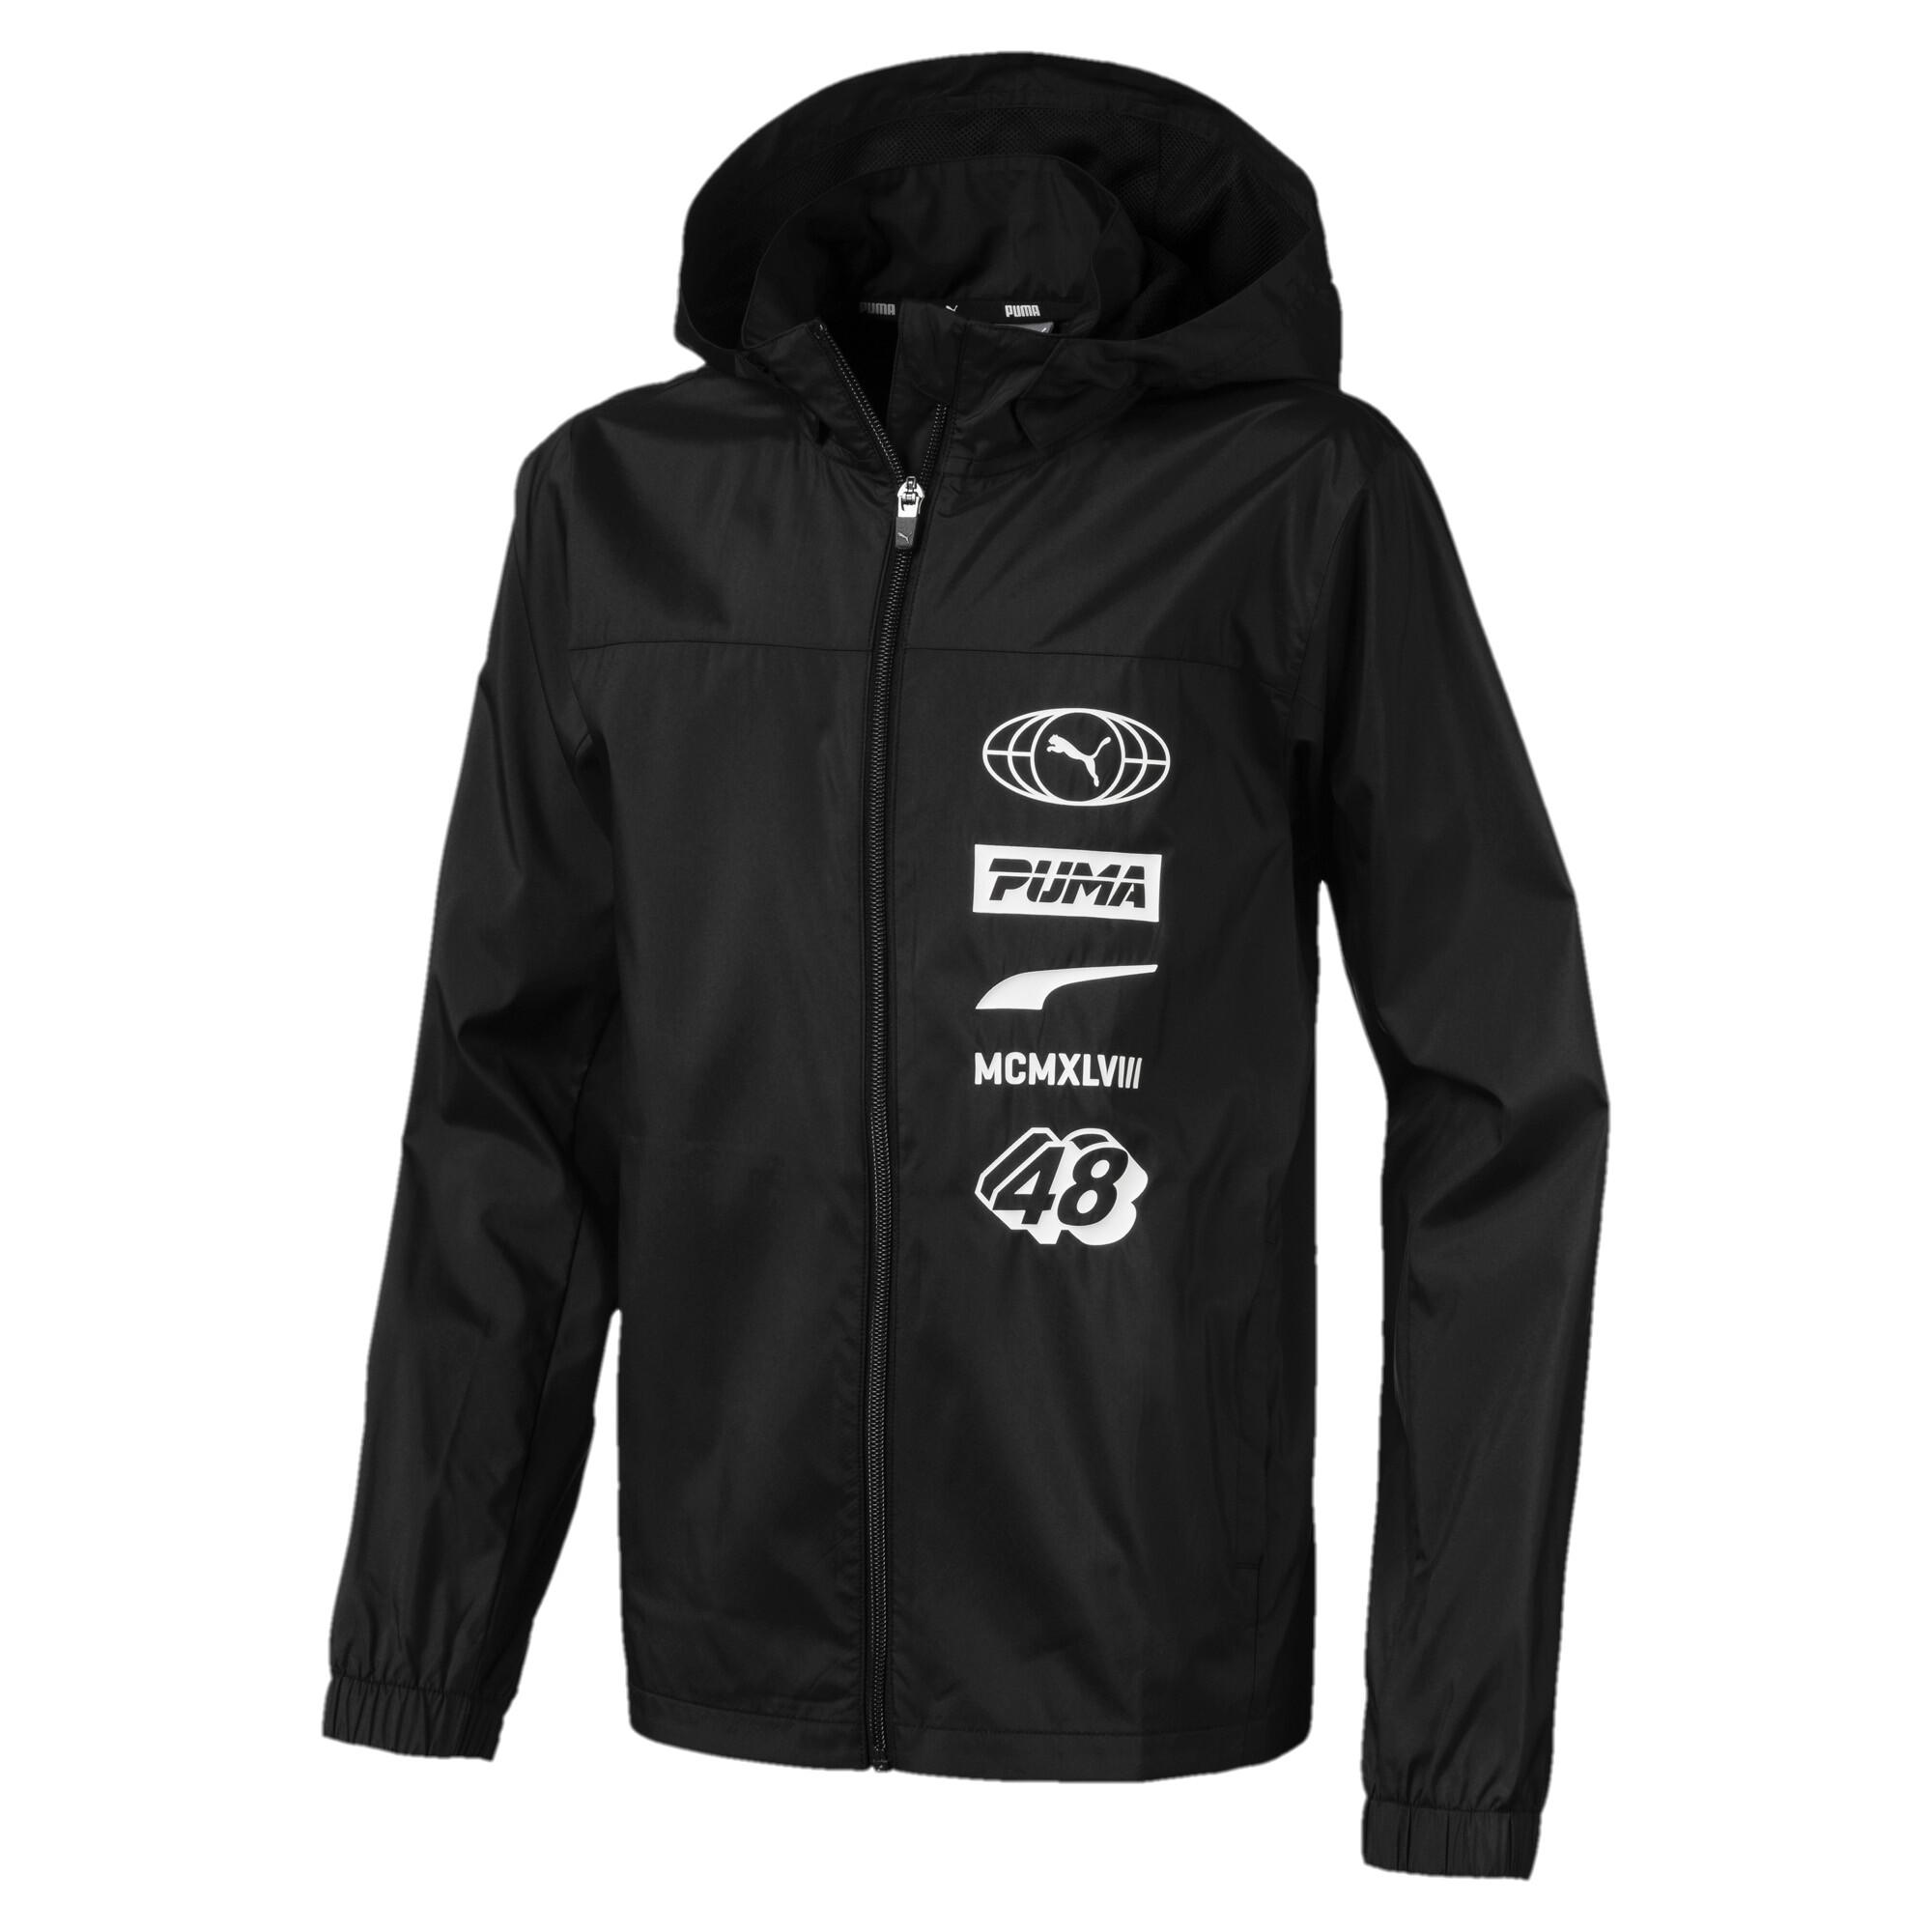 【プーマ公式通販】 プーマ キッズ ALPHA ウインドブレーカー メンズ Puma Black |PUMA.com